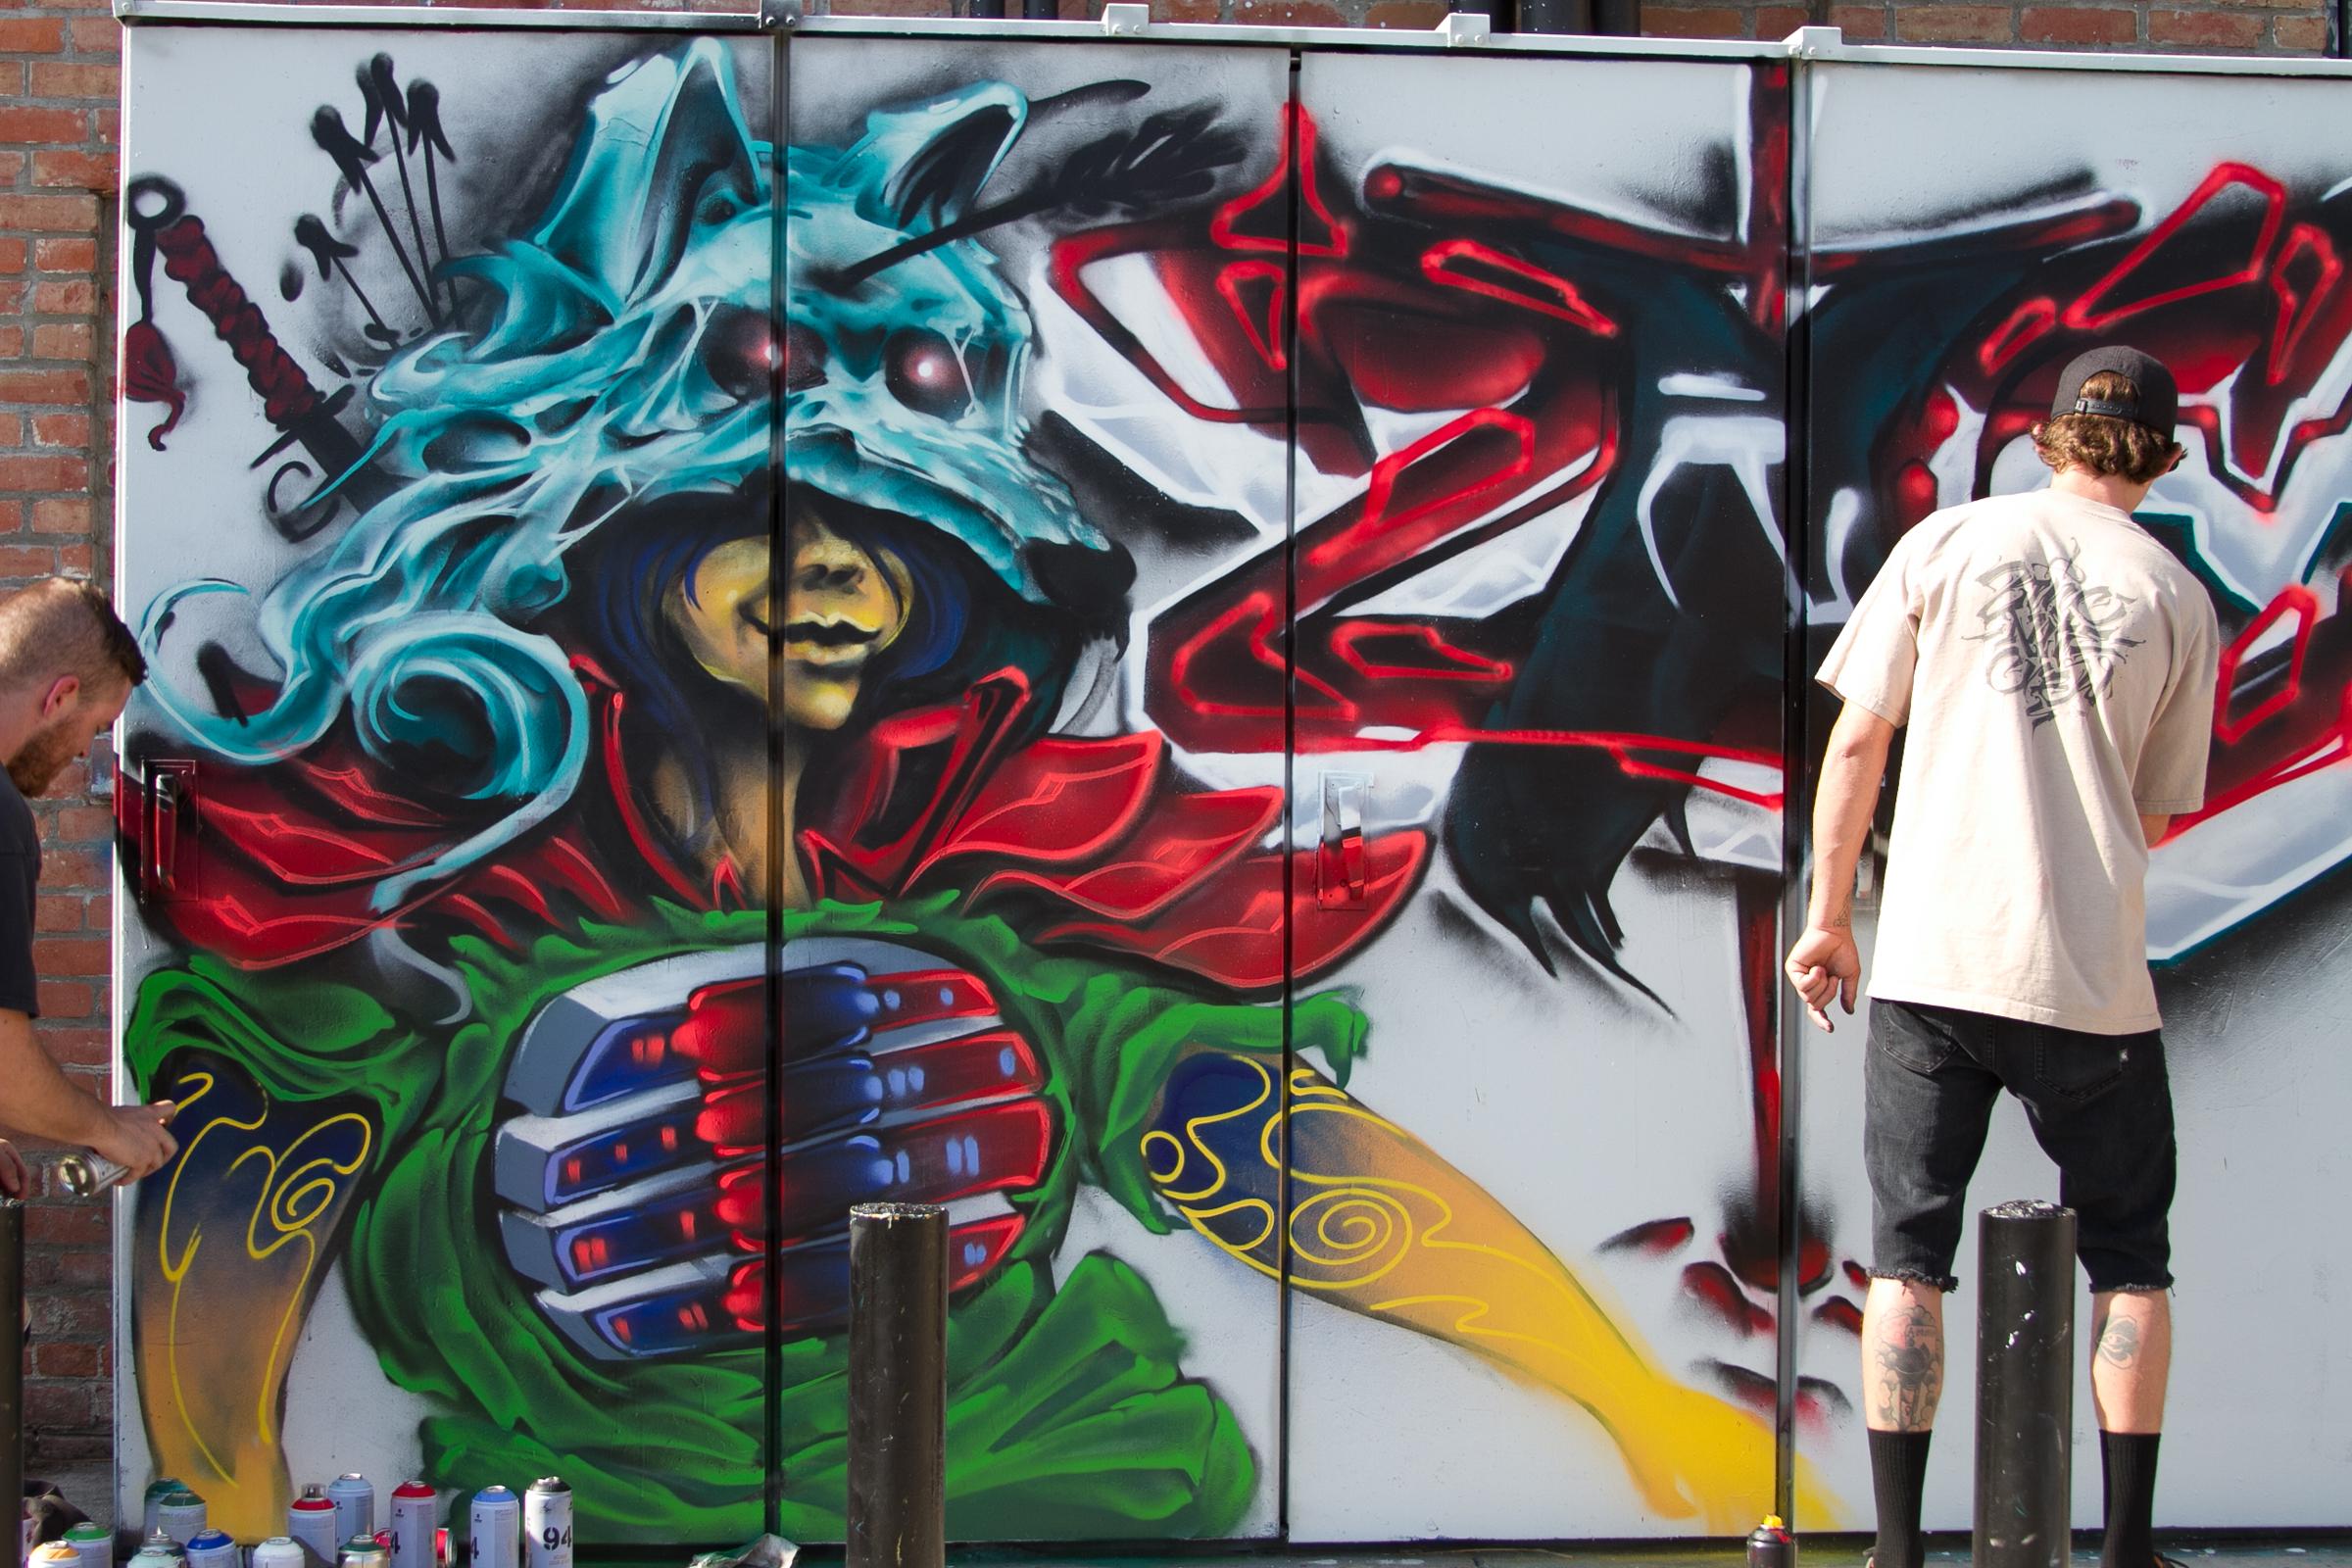 graff art OC